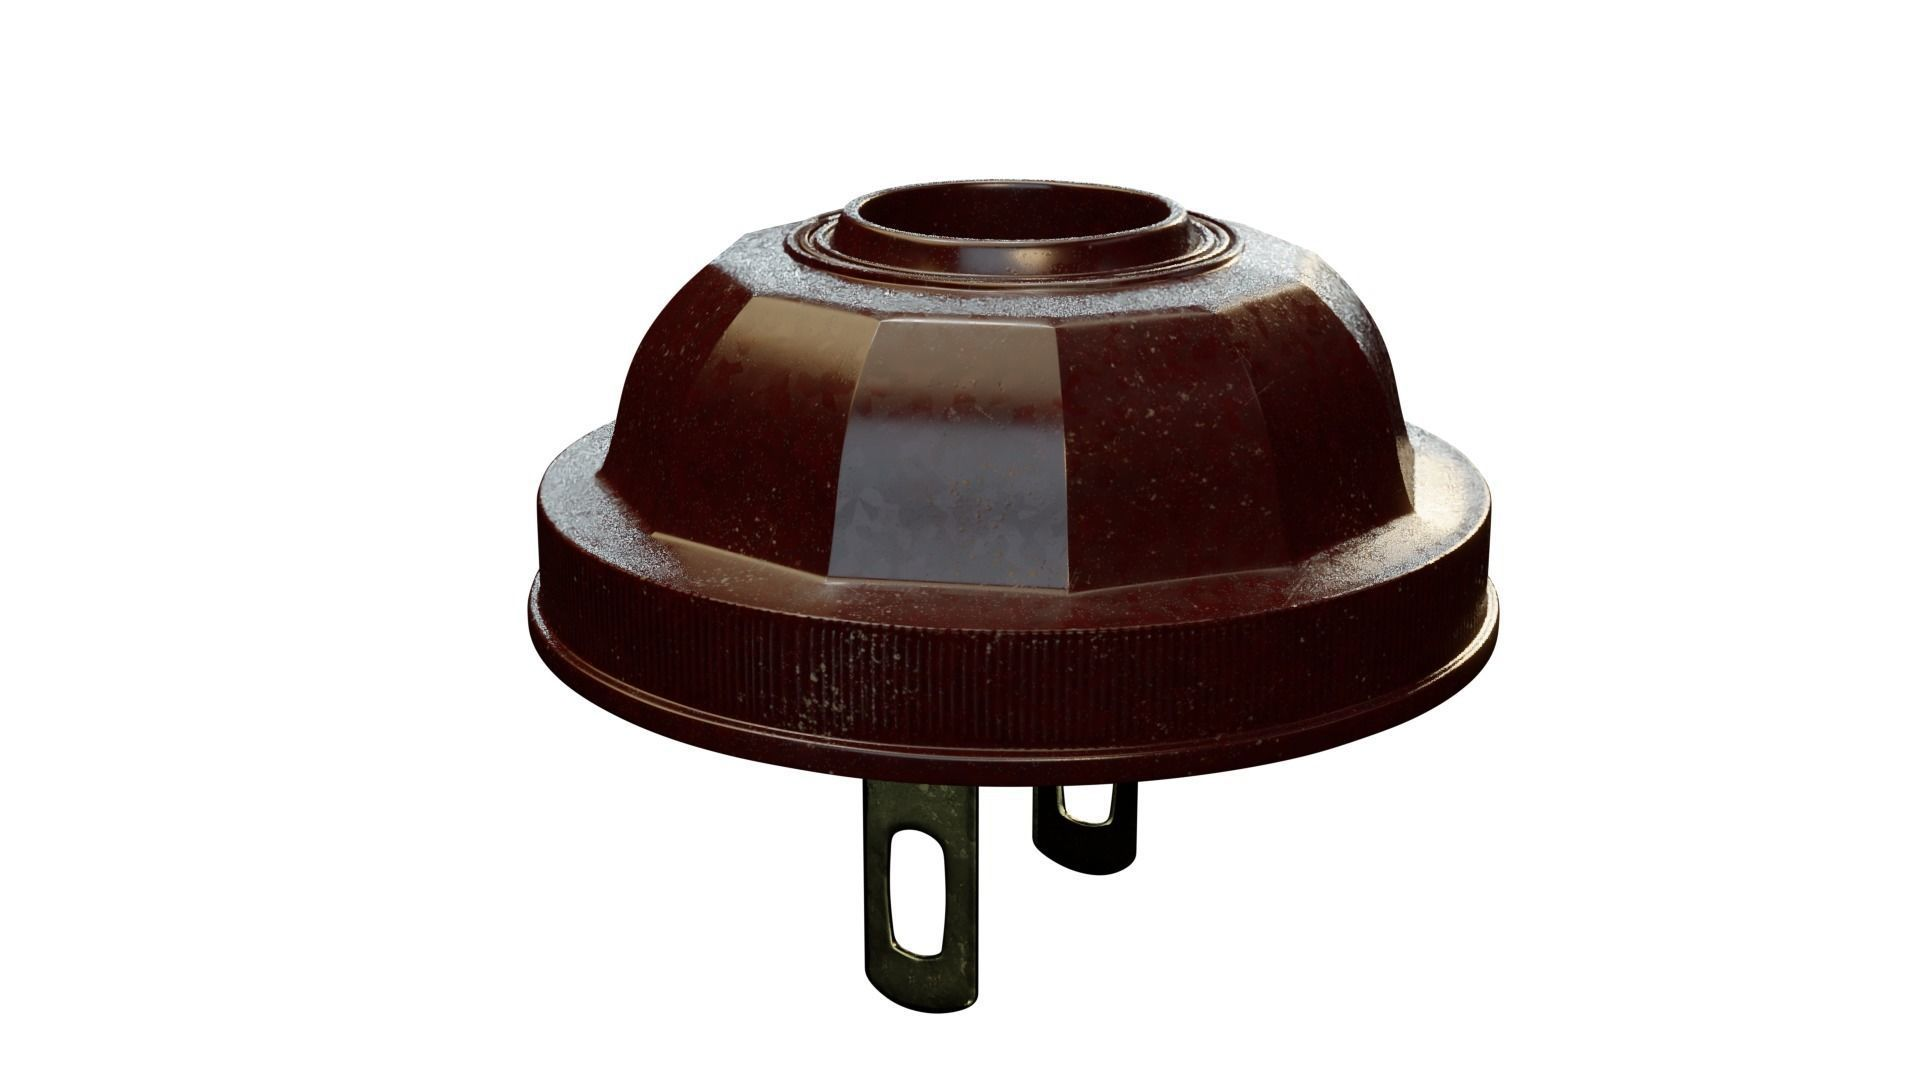 Vintage 1930 bakelite power plug